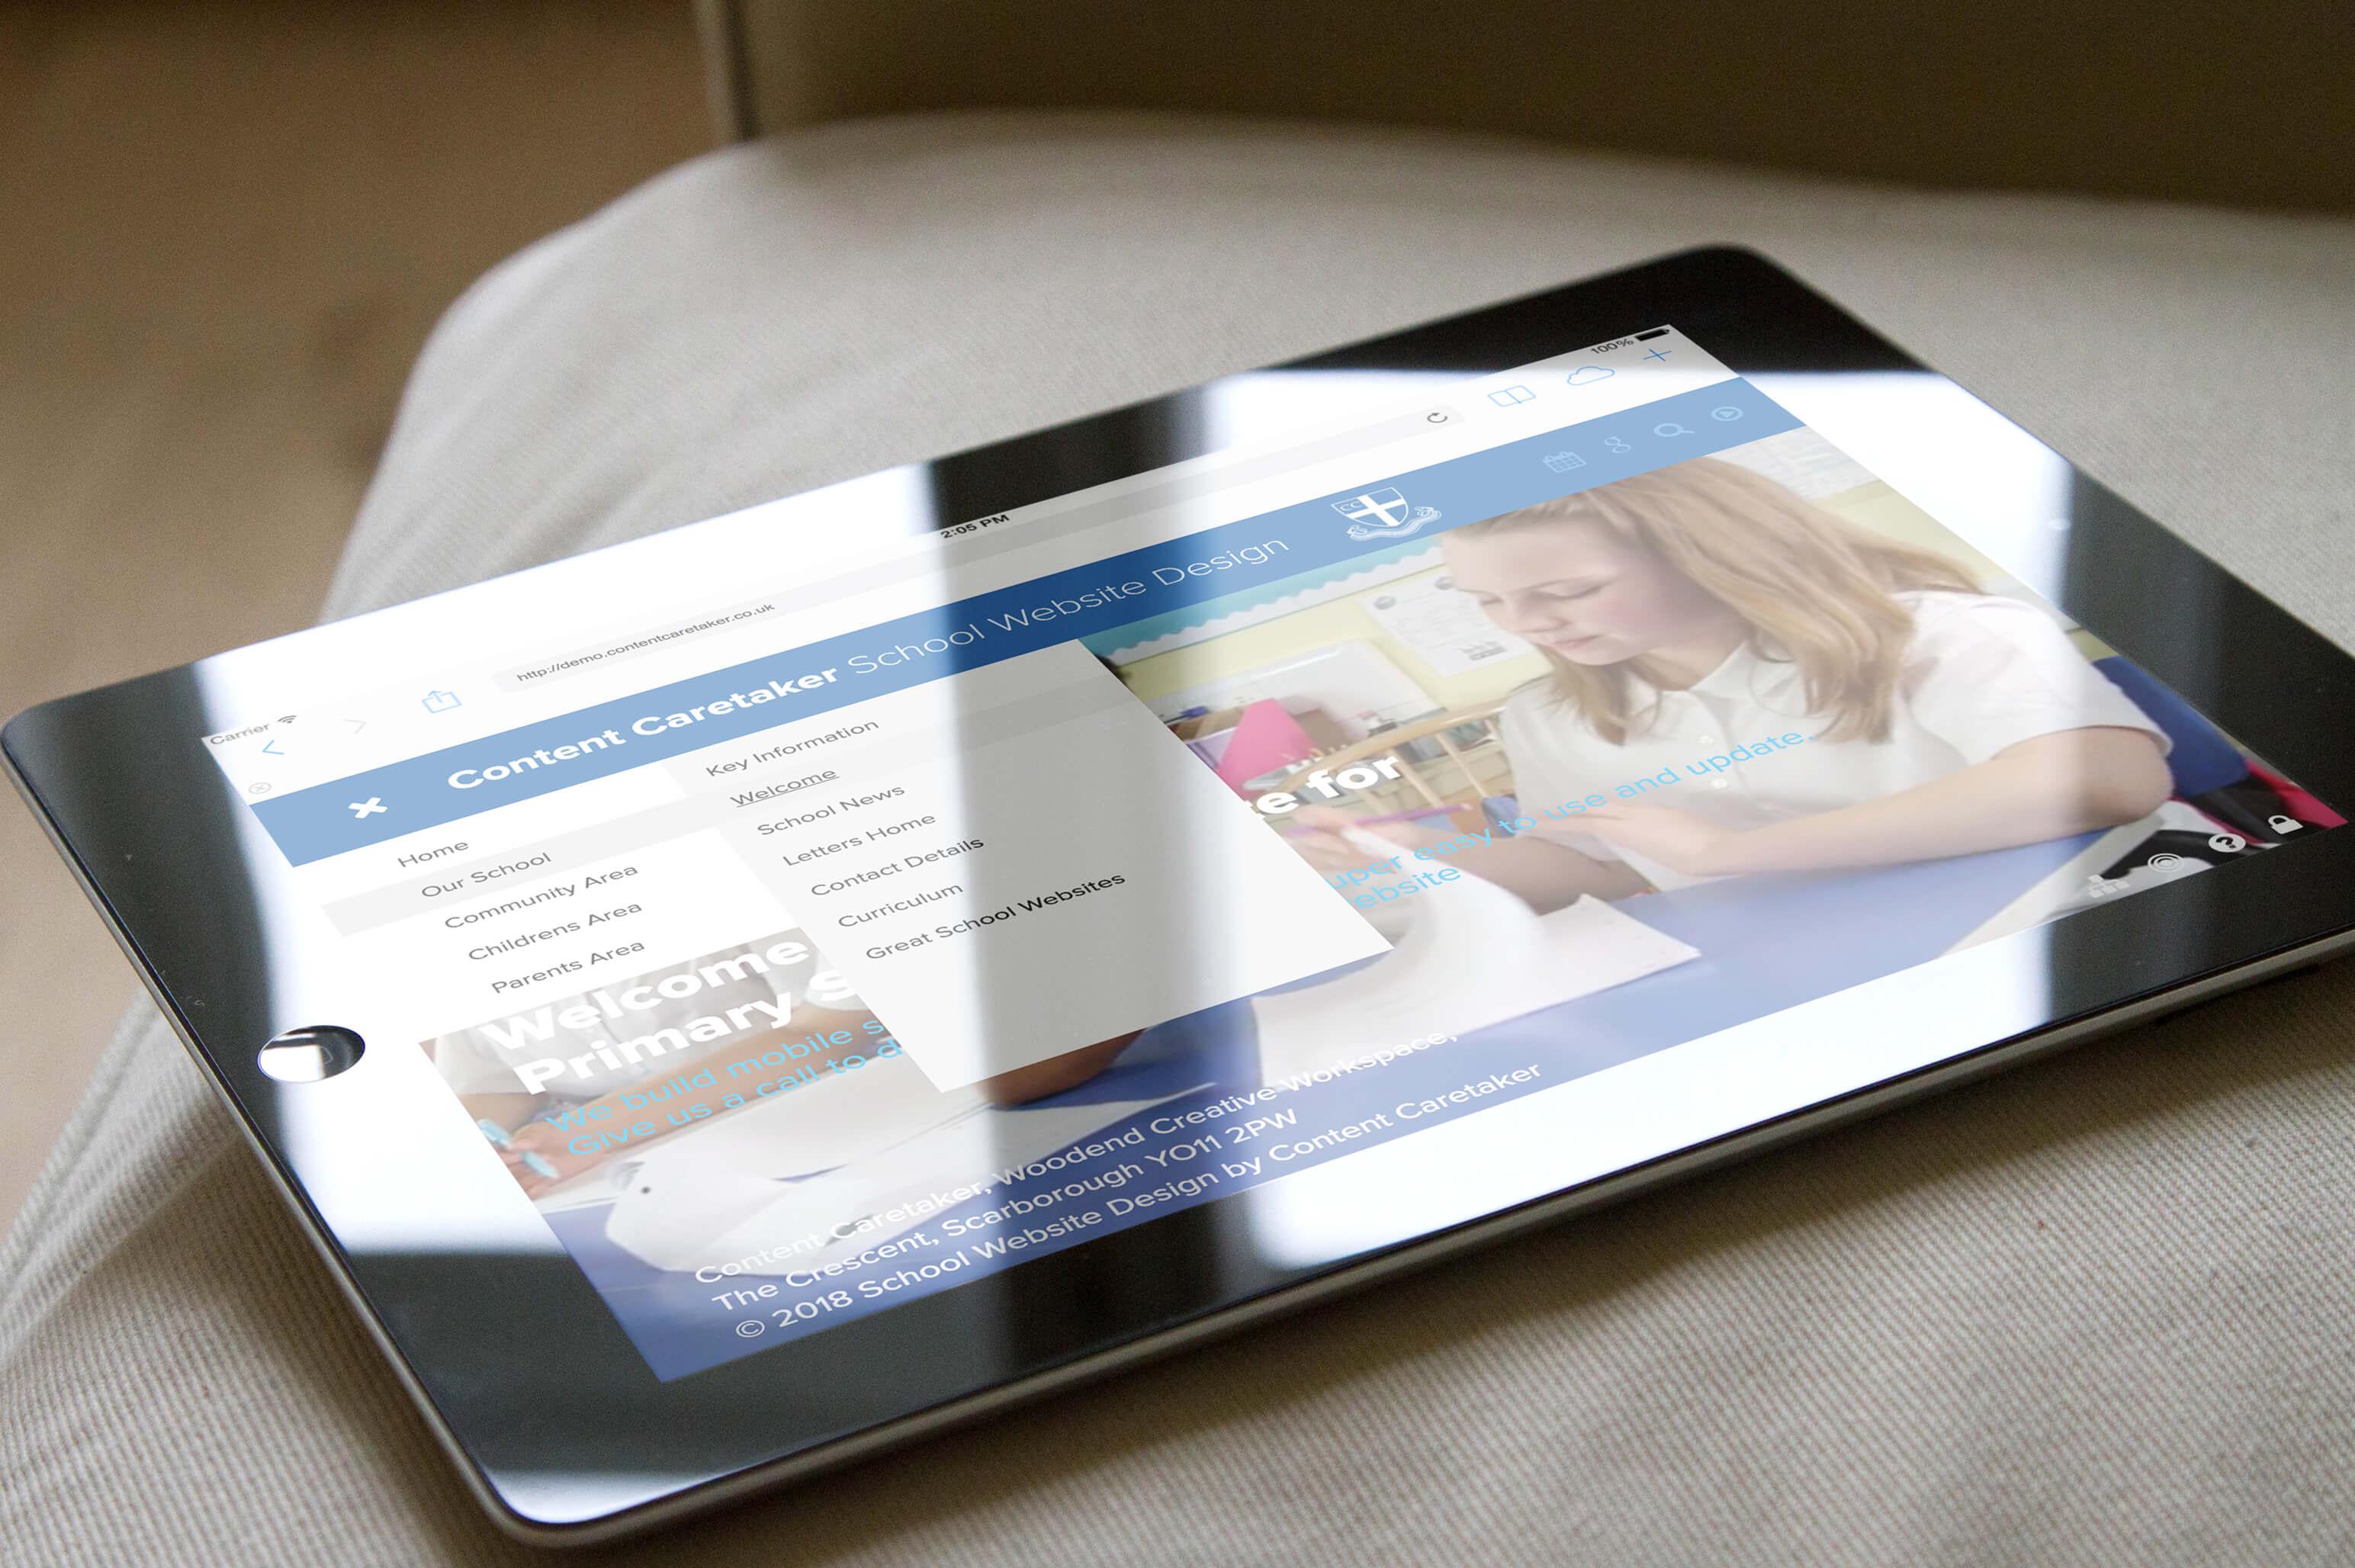 The £850 bespoke school website design for Primary School